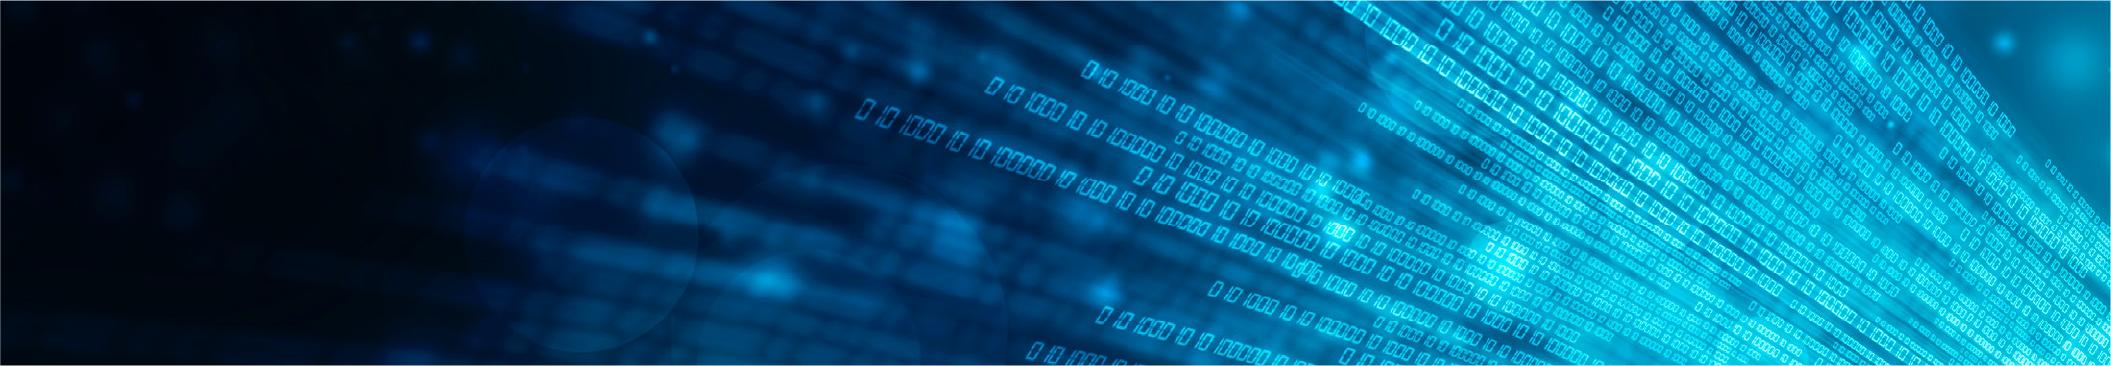 What is an Internet Backbone?